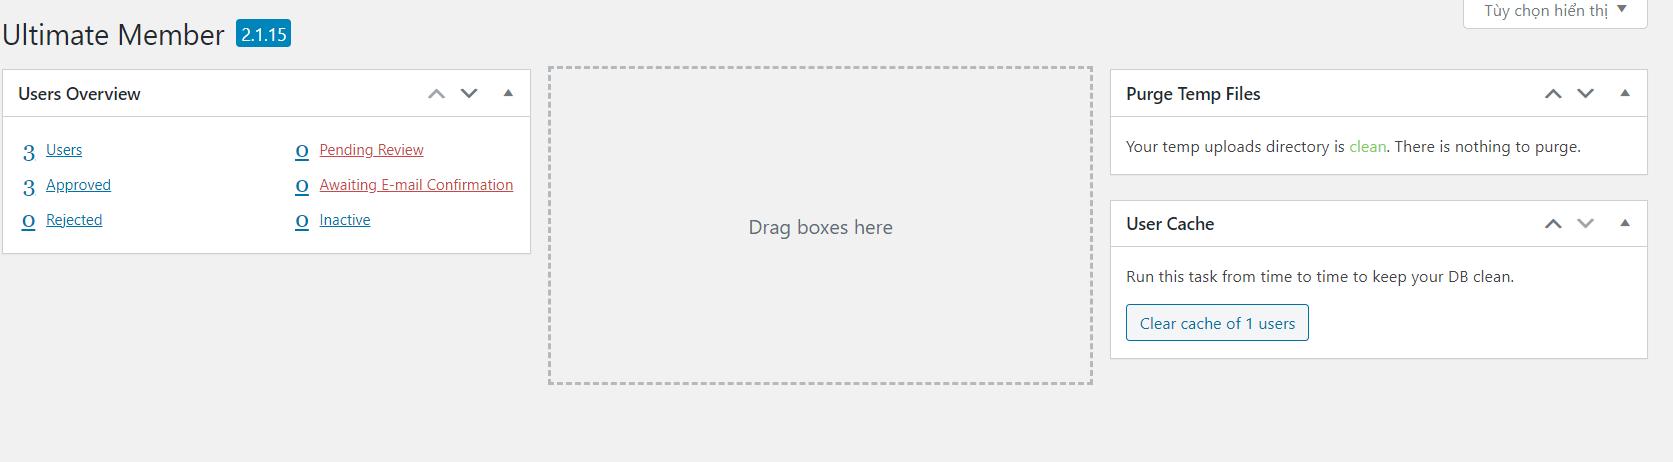 plugin Ultimate Member dardboard